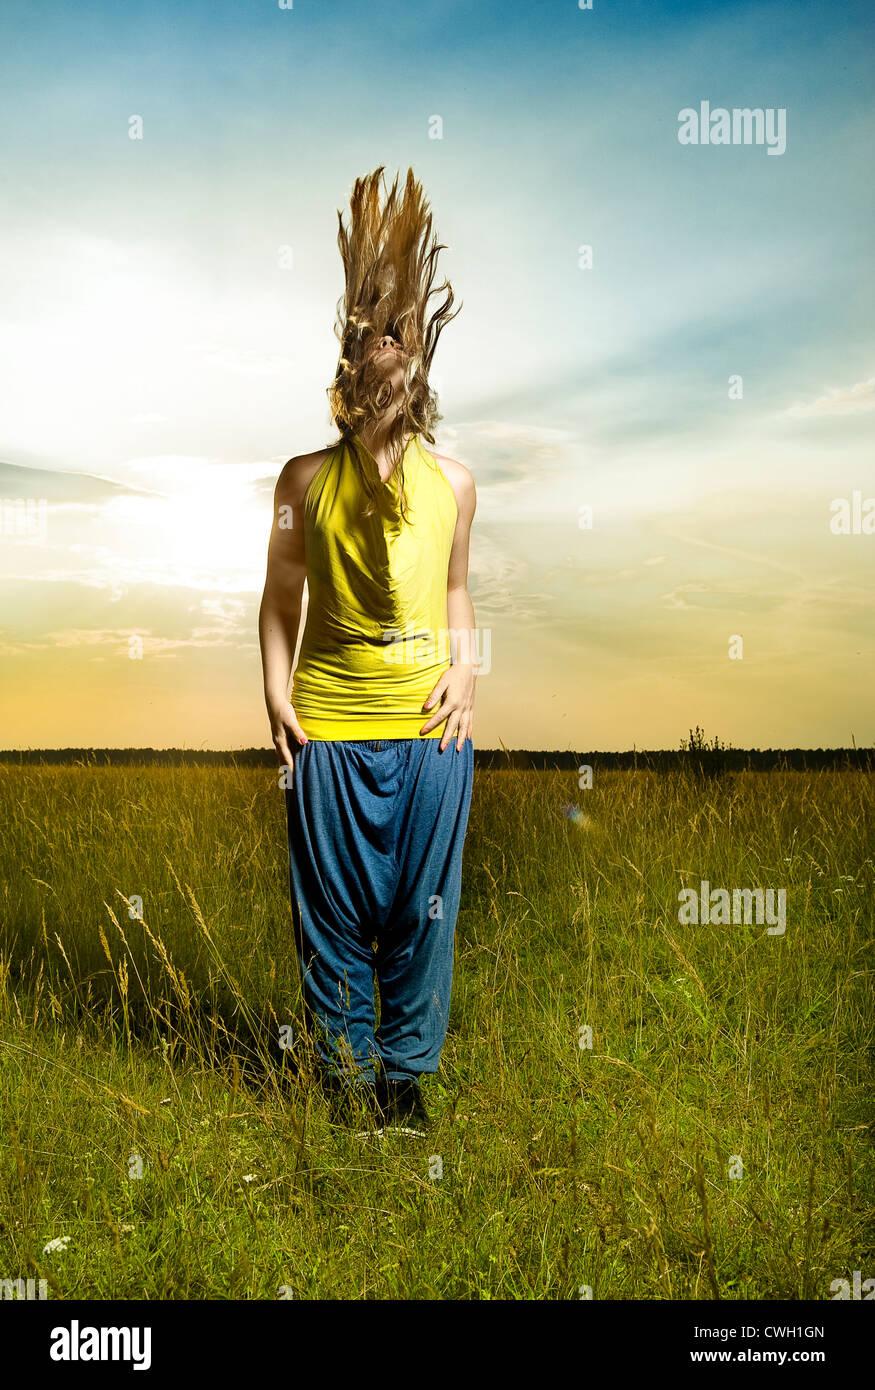 Mujer joven,individualidad,originalidad,moda Imagen De Stock